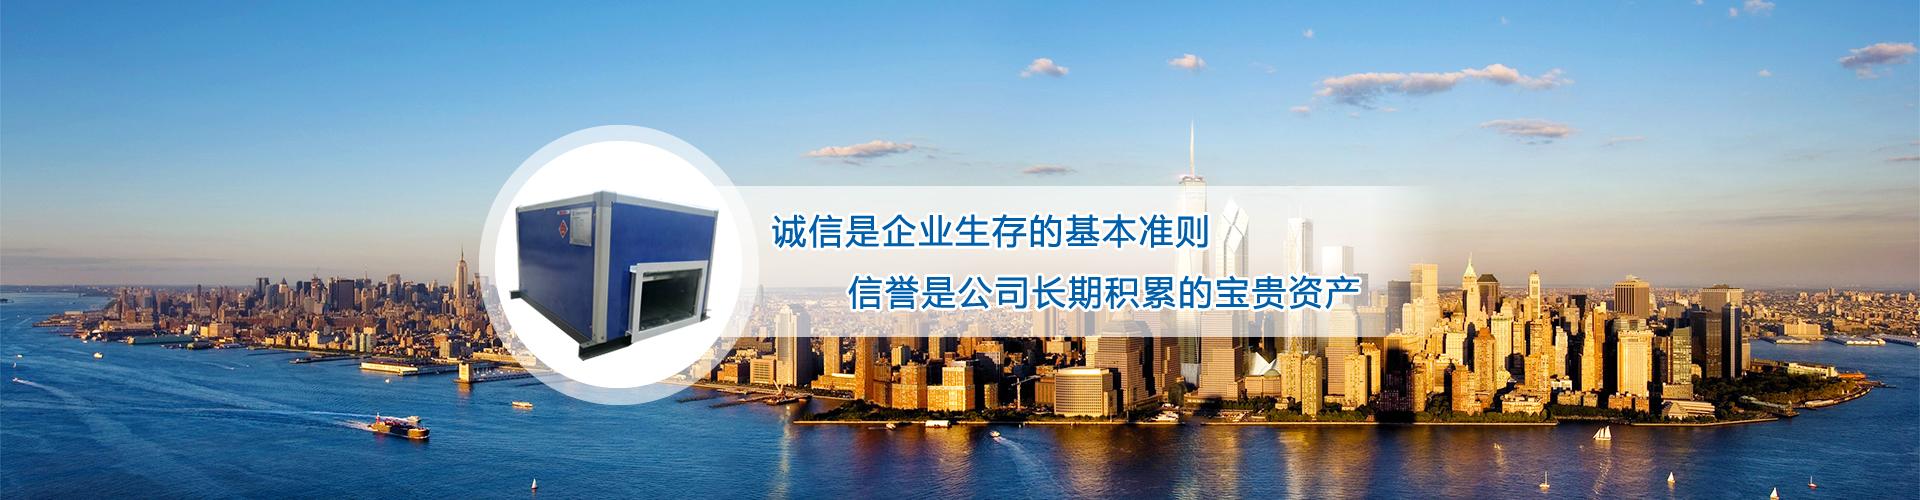 貴州鋼制防火閥,云南風機消聲器,廣西3c認證防火閥